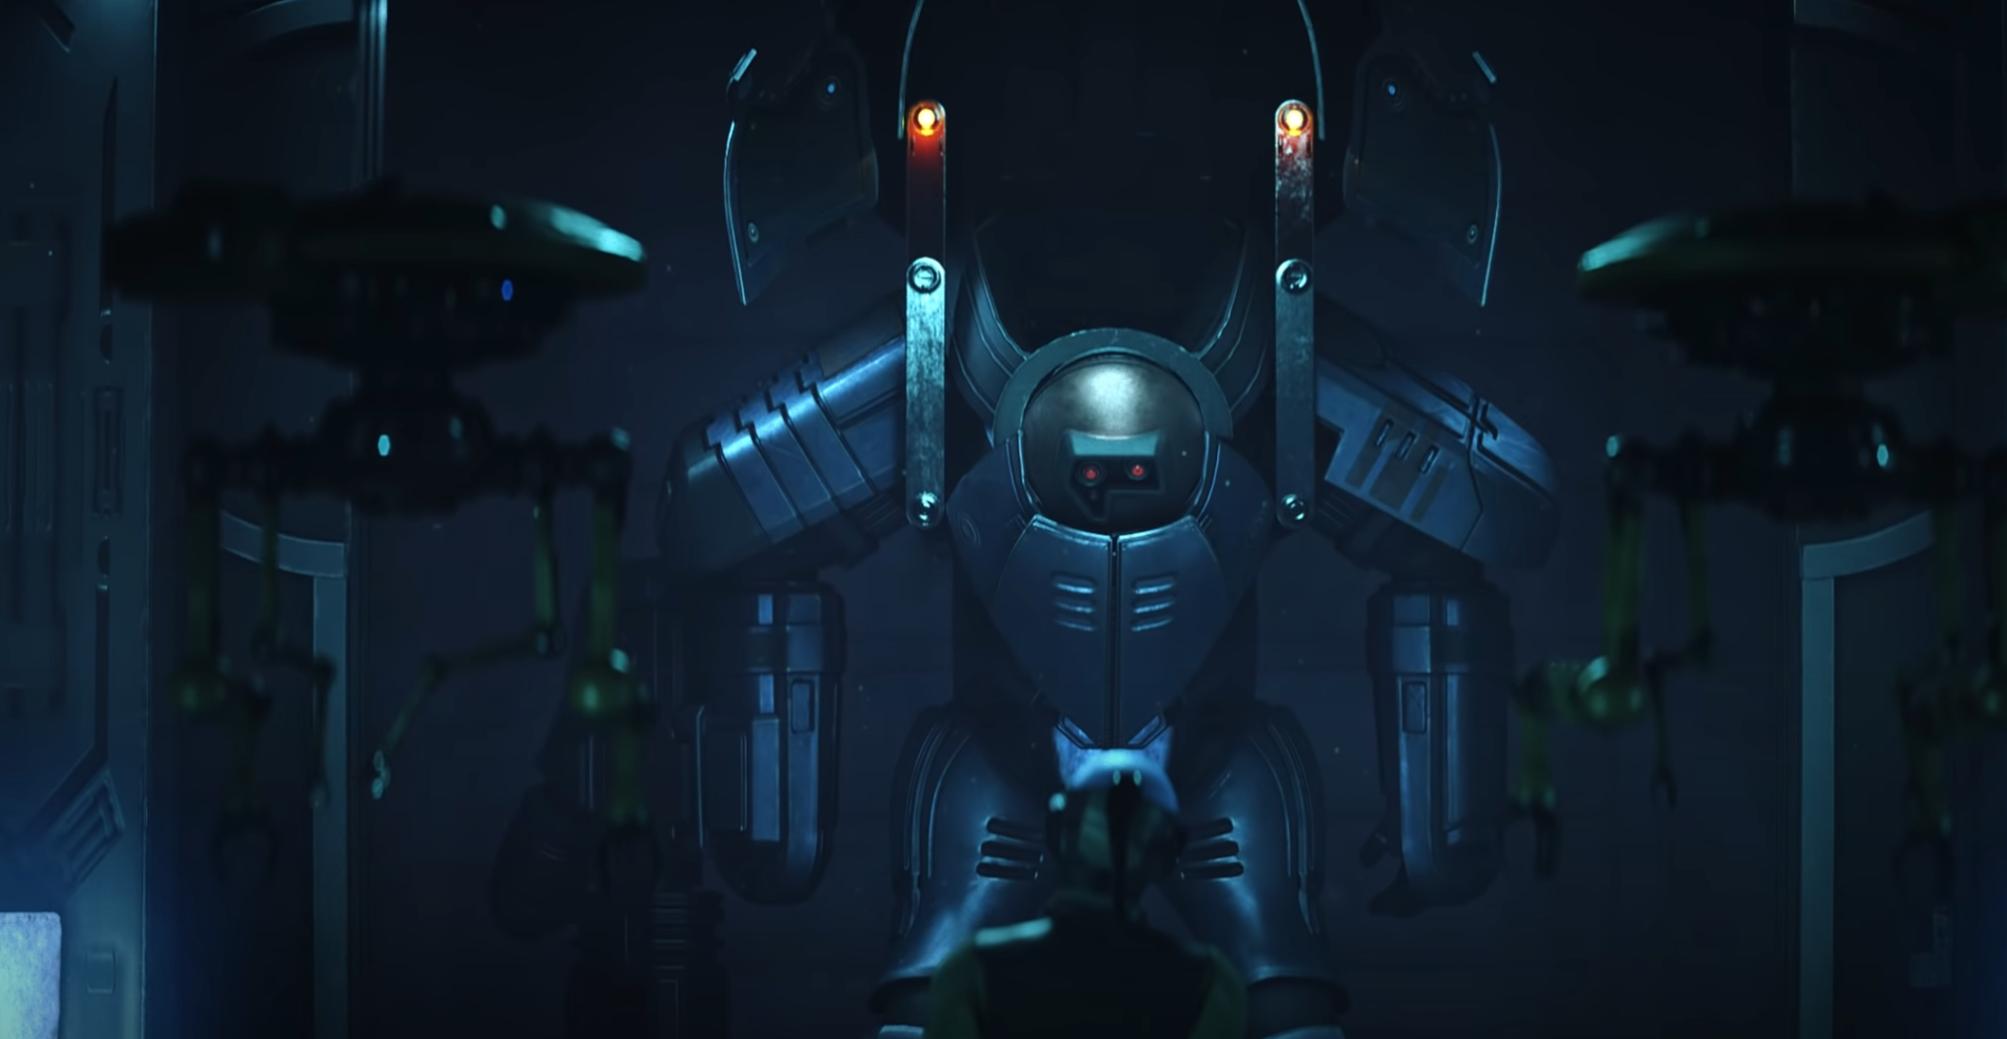 GW вместе с фанатами работает над серией анимационных короткометражек по Warhammer 40,000